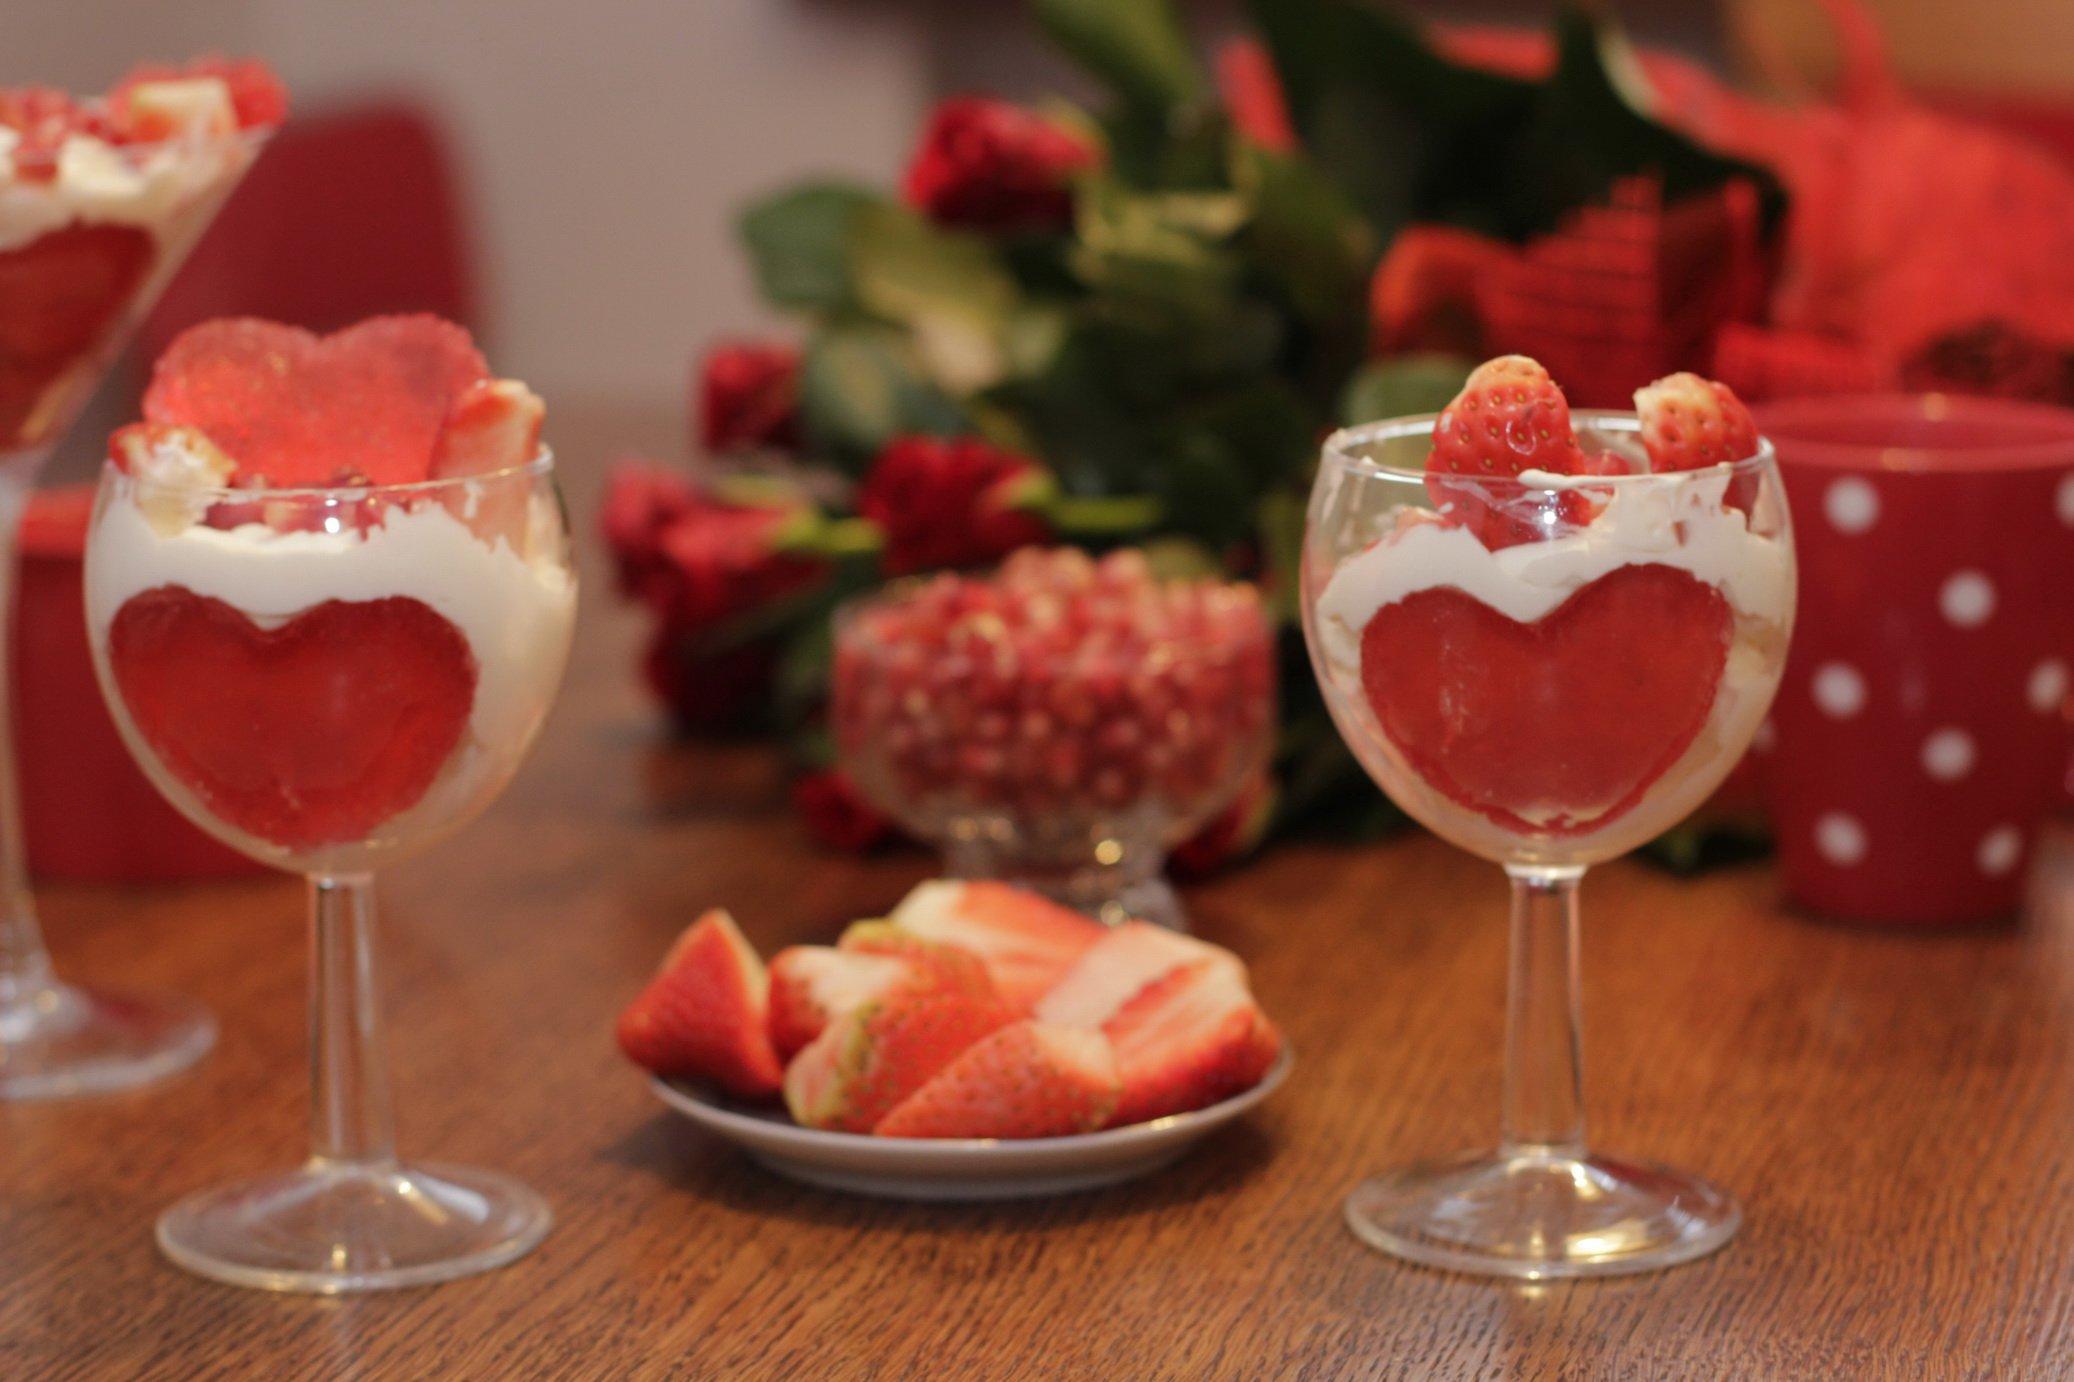 Walentynkowy deser z serduszkiem jak zrobic